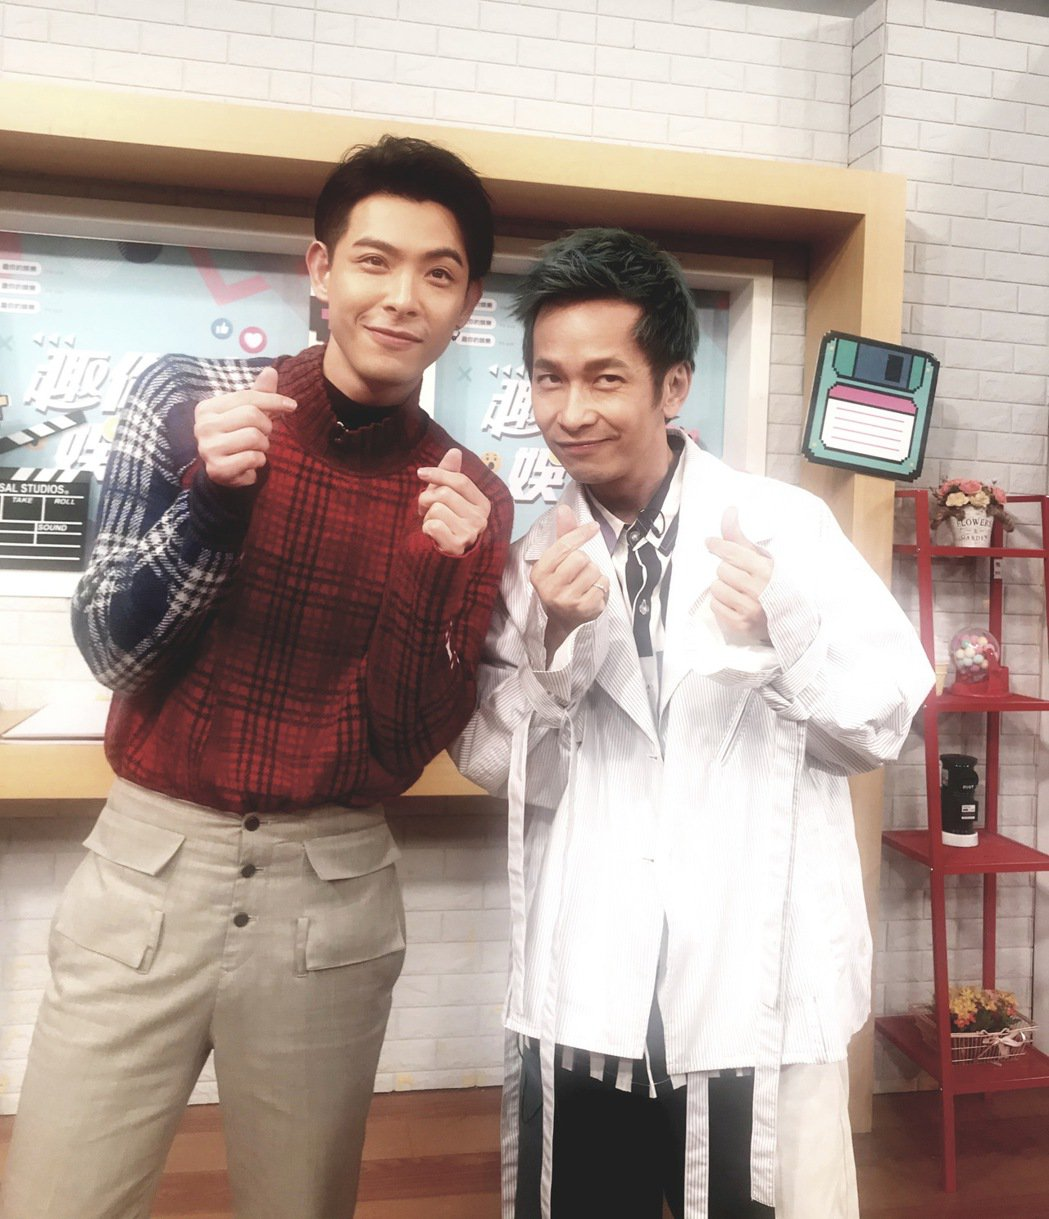 連晨翔(左)、張智成因為打麻將而結為好友。圖/摘自張智成臉書